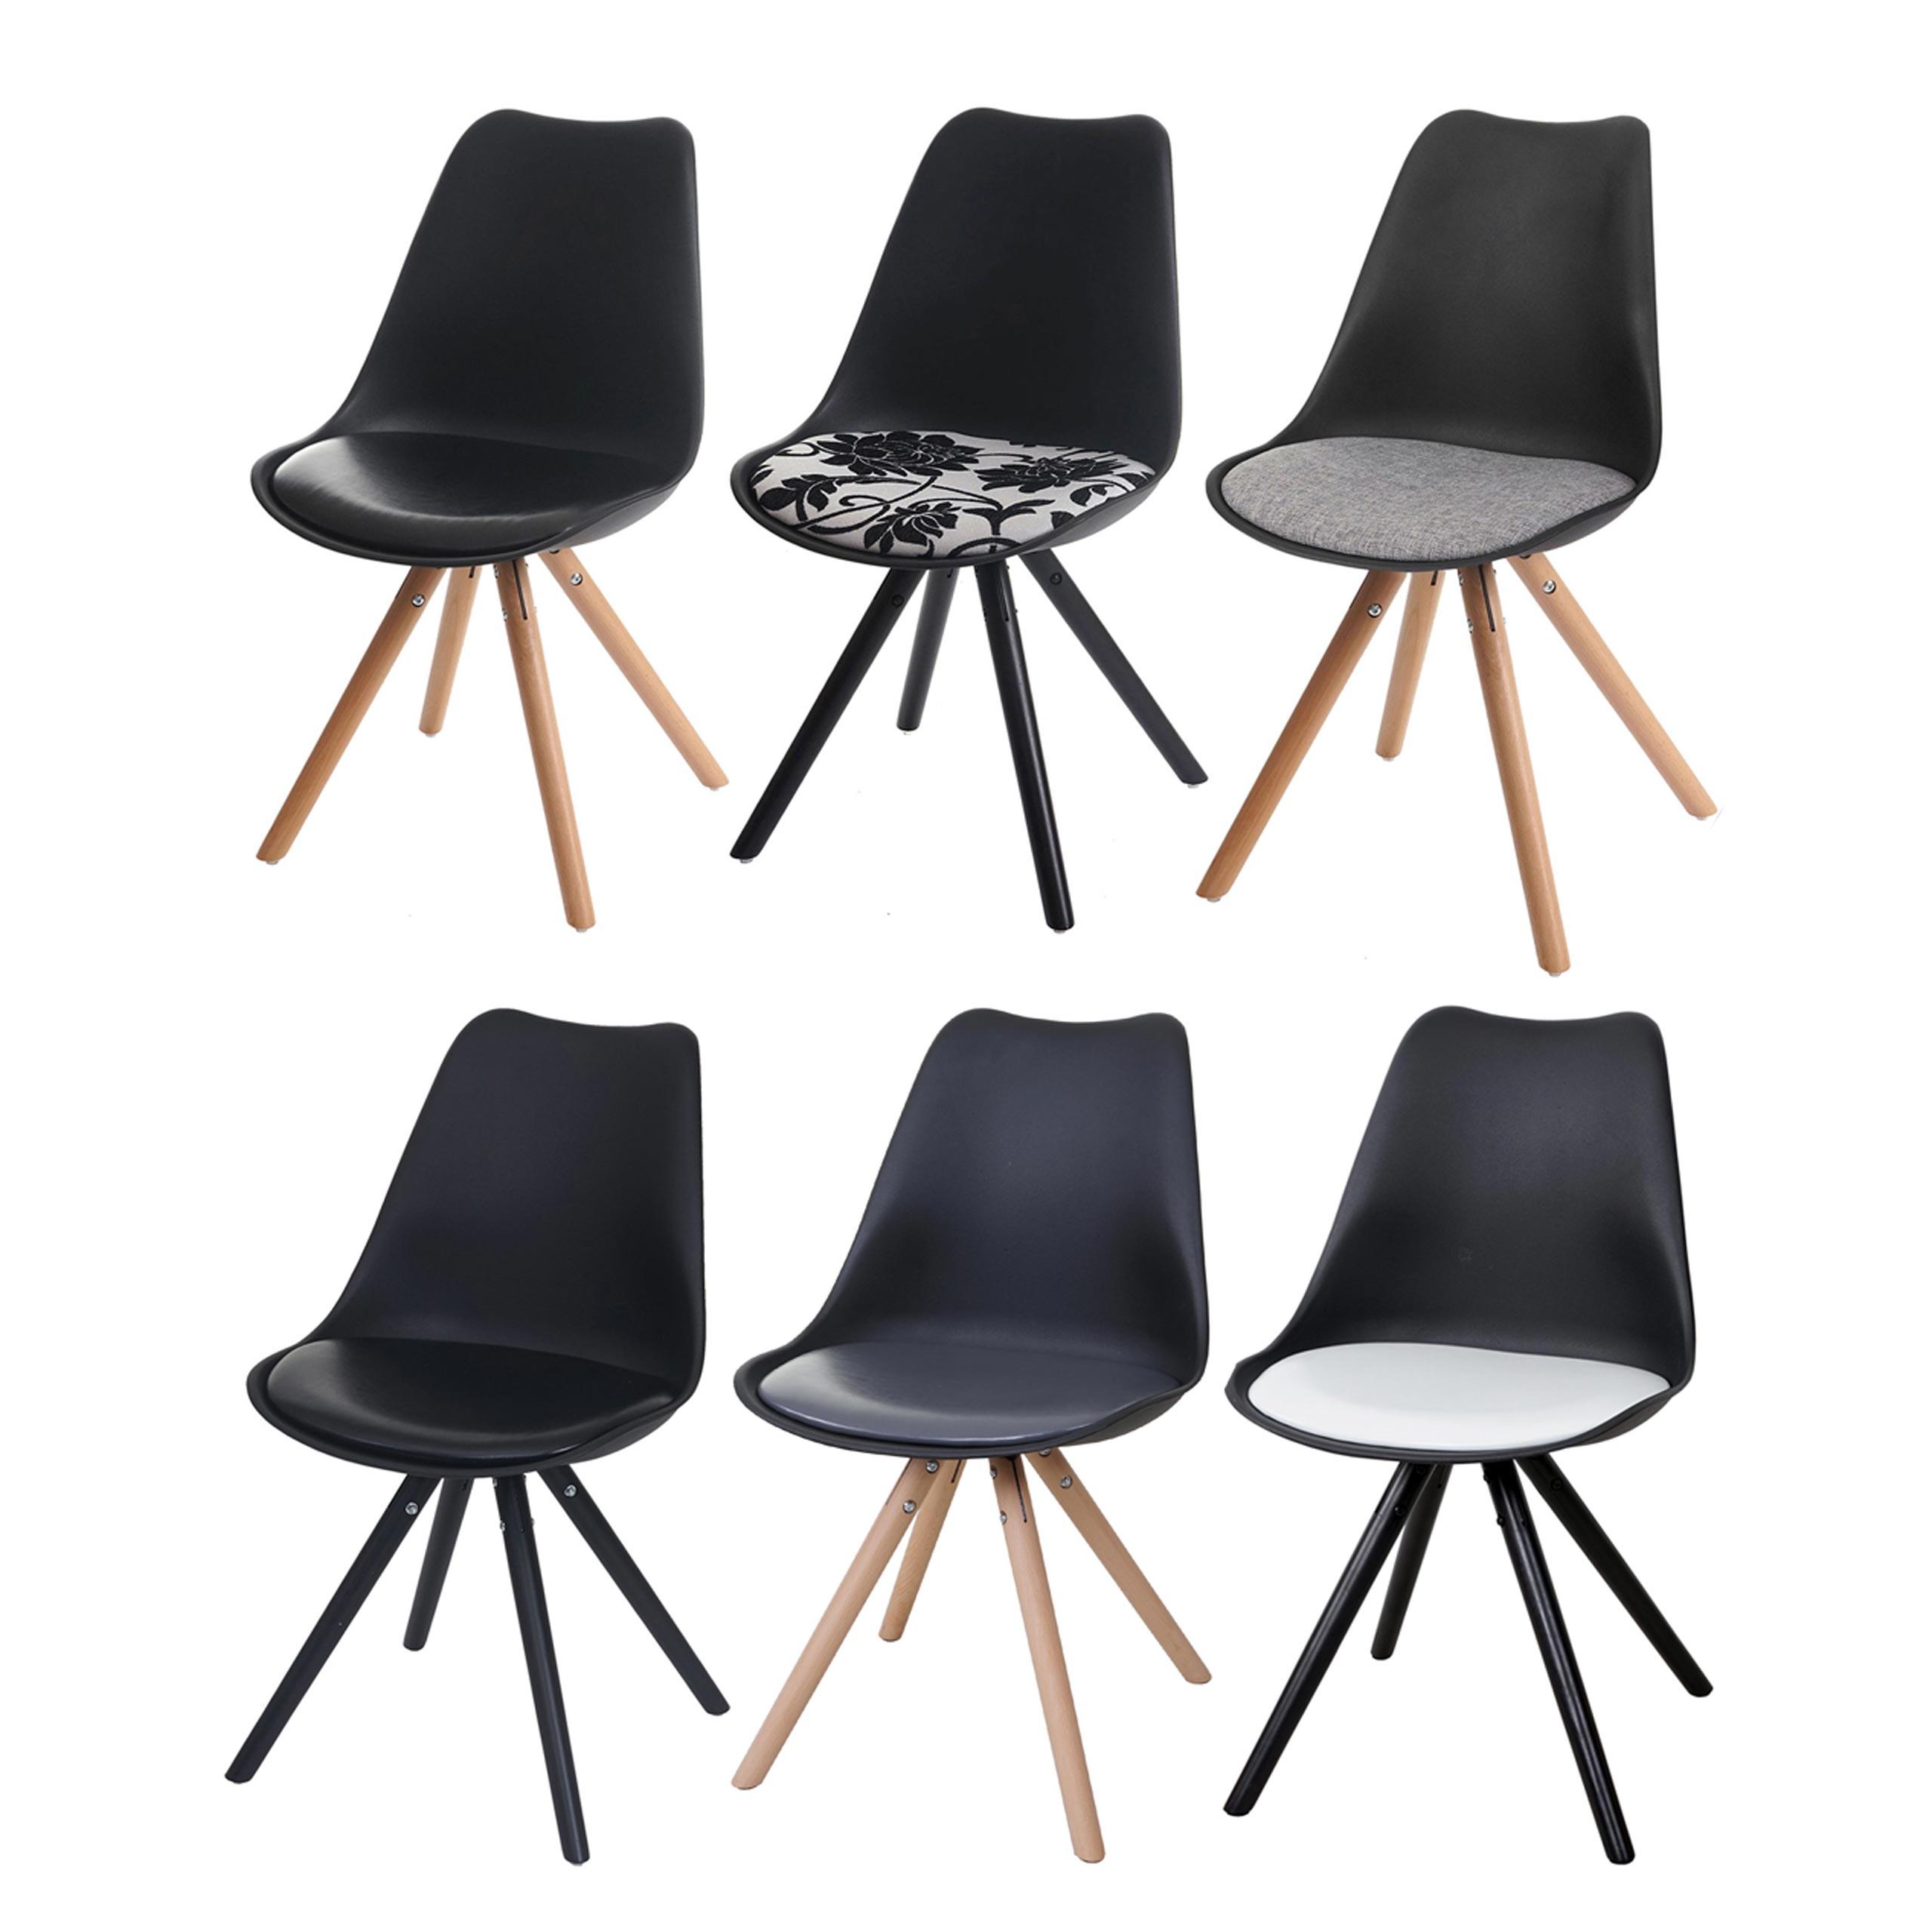 Malmö Stuhl 6x esszimmerstuhl malmö t501, stuhl lehnstuhl, retro 50er jahre design